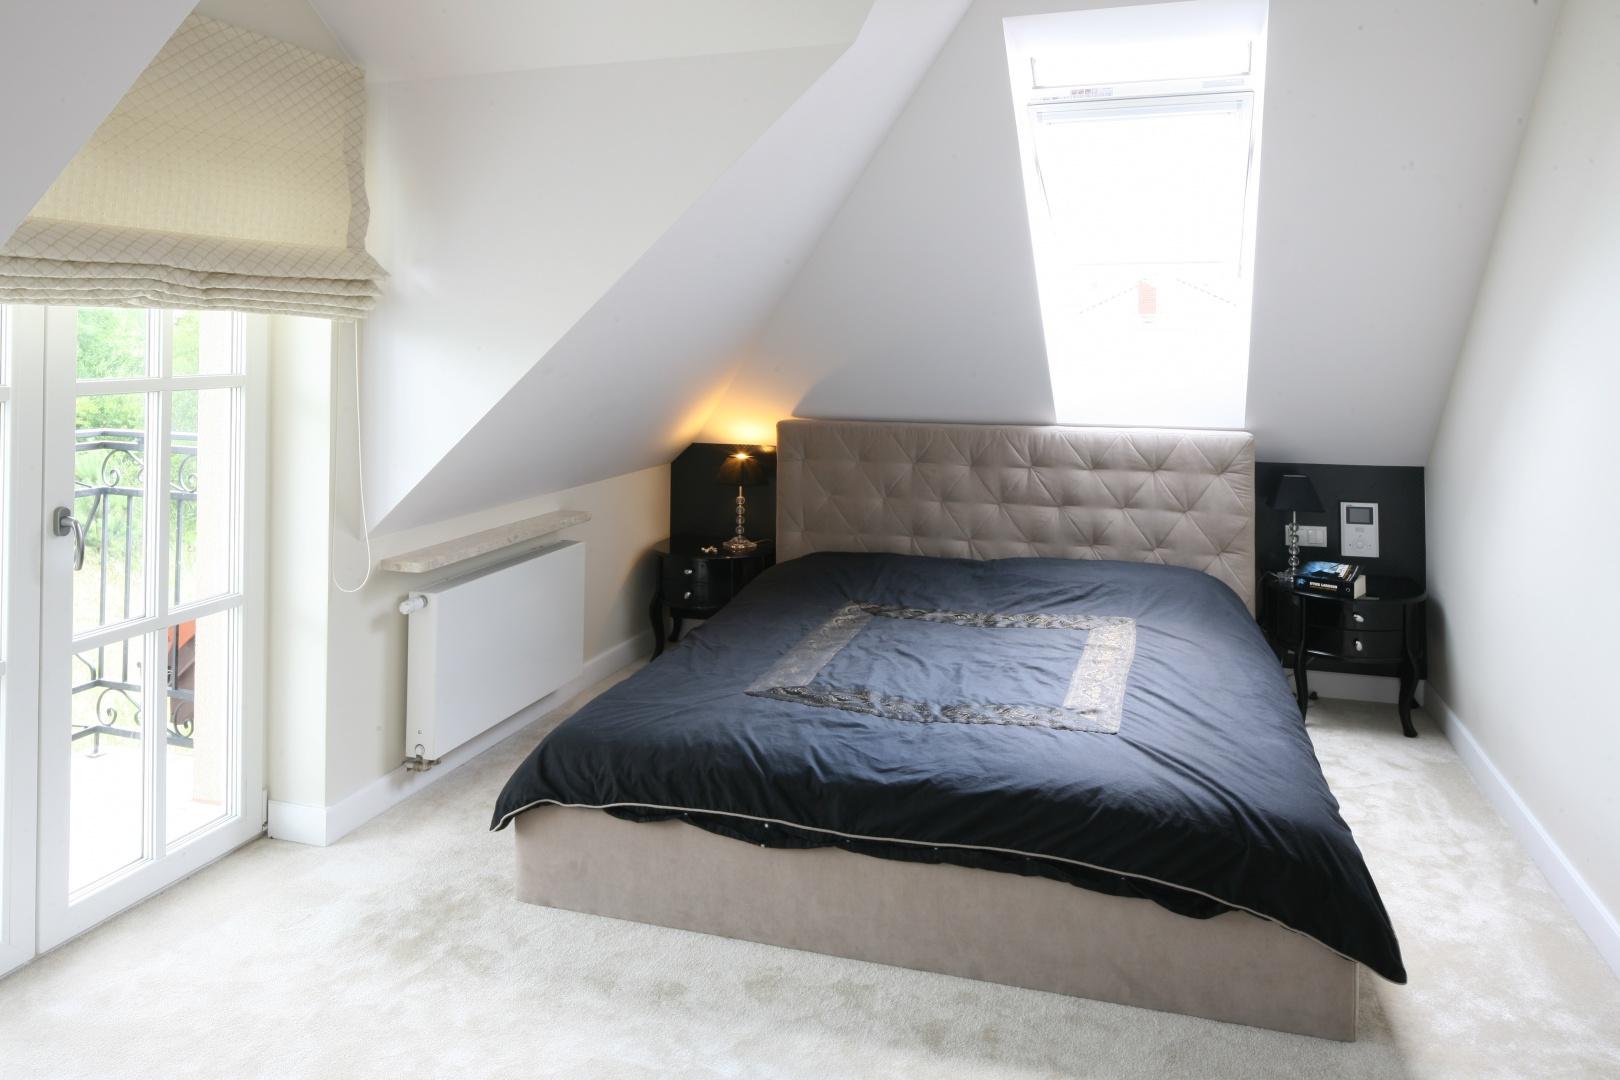 Sypialnia pod skosem dachowym: wnętrze jest dość wąskie, ale zmieściło się łóżko dla dwojga i małe stoliki nocne. Projekt: Katarzyna Merta-Korzniakow. Fot. Bartosz Jarosz